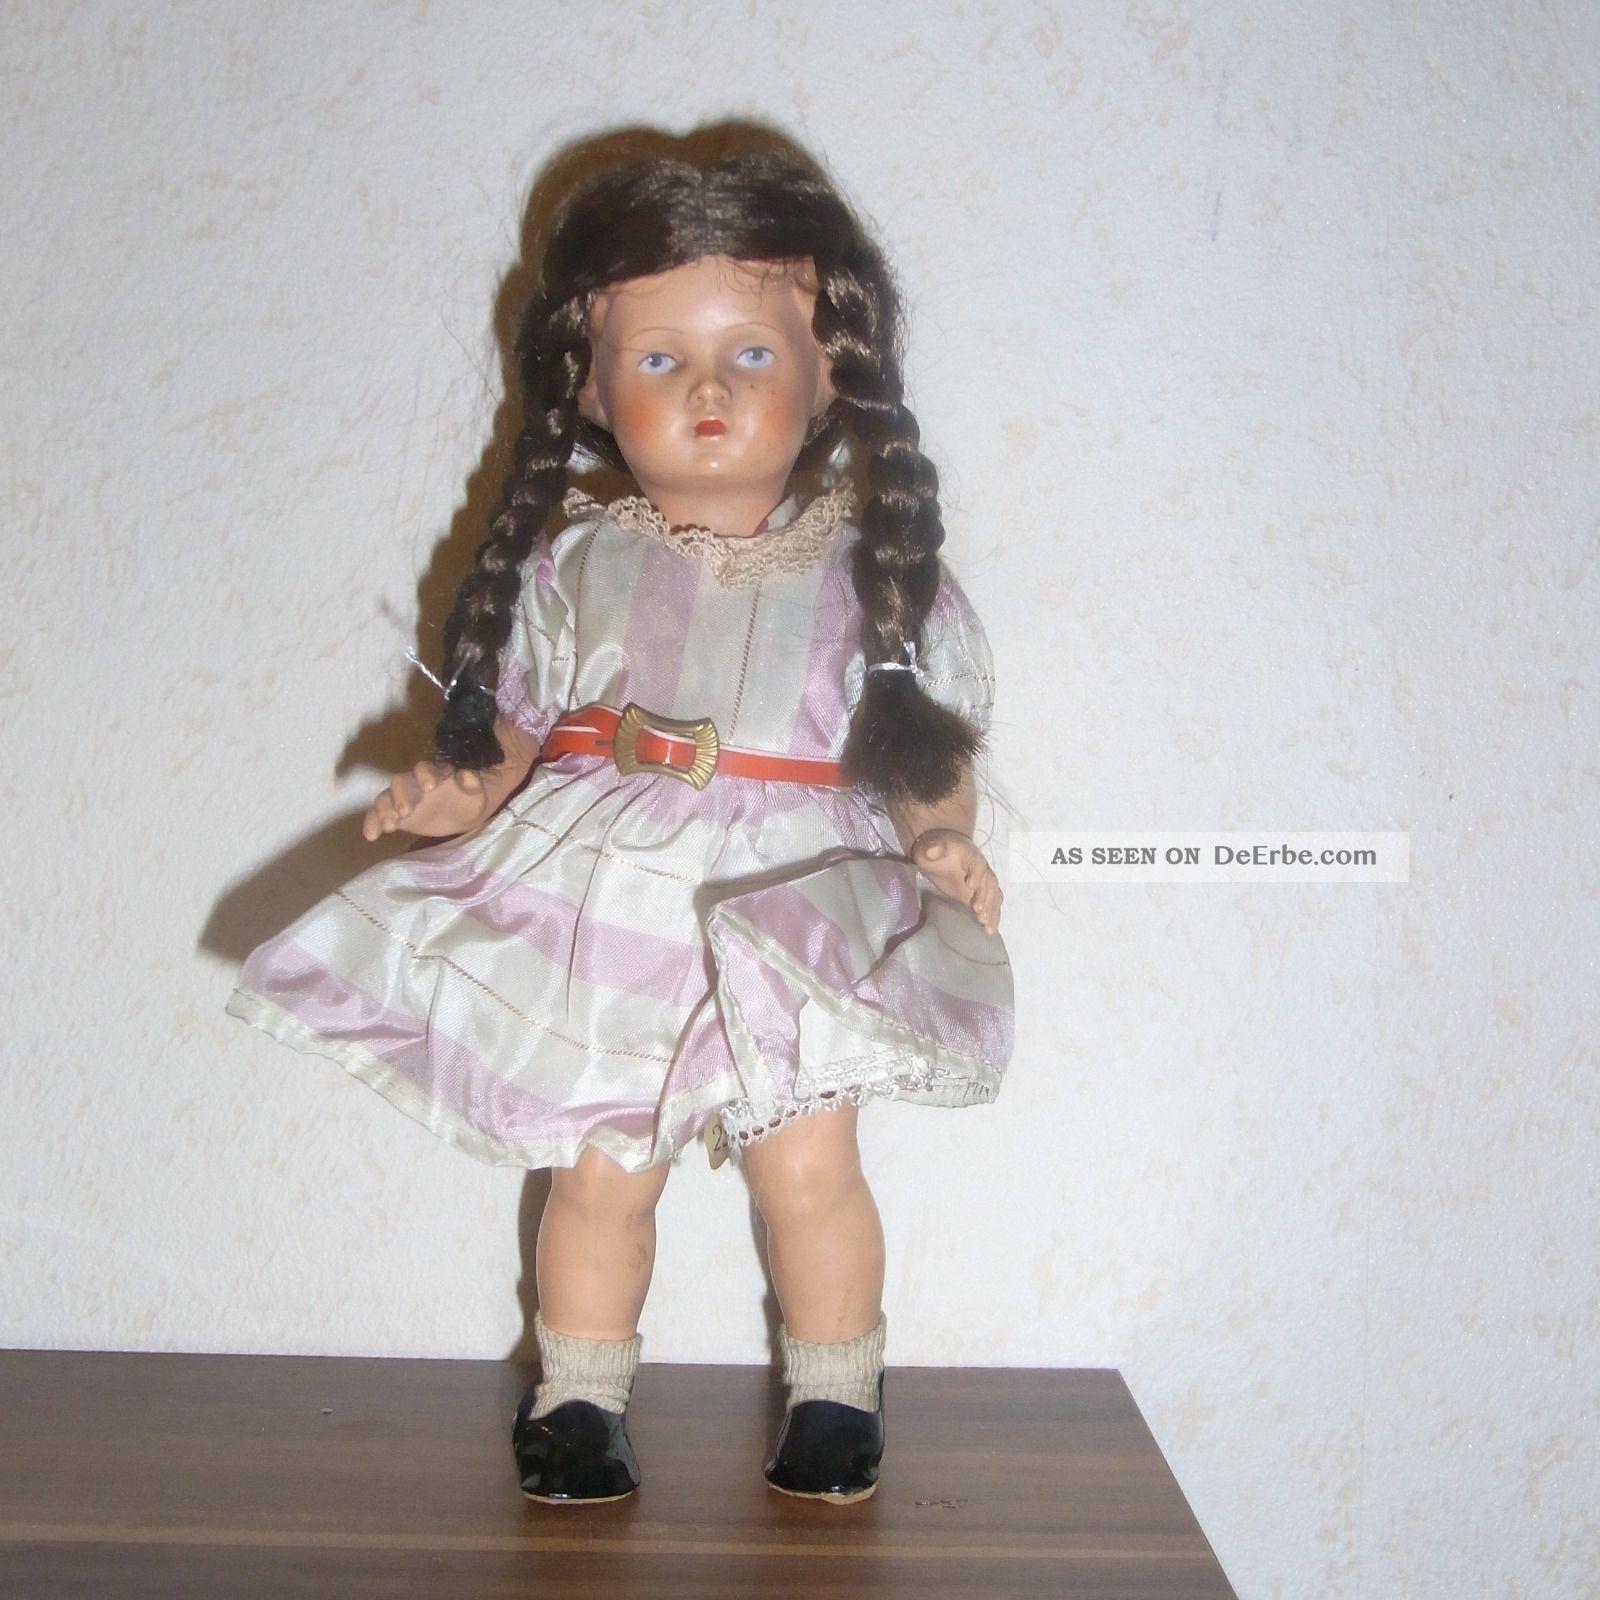 Alte Schildkröt - Puppe Mit Zöpfen.  Dachbodenfund Puppen & Zubehör Bild